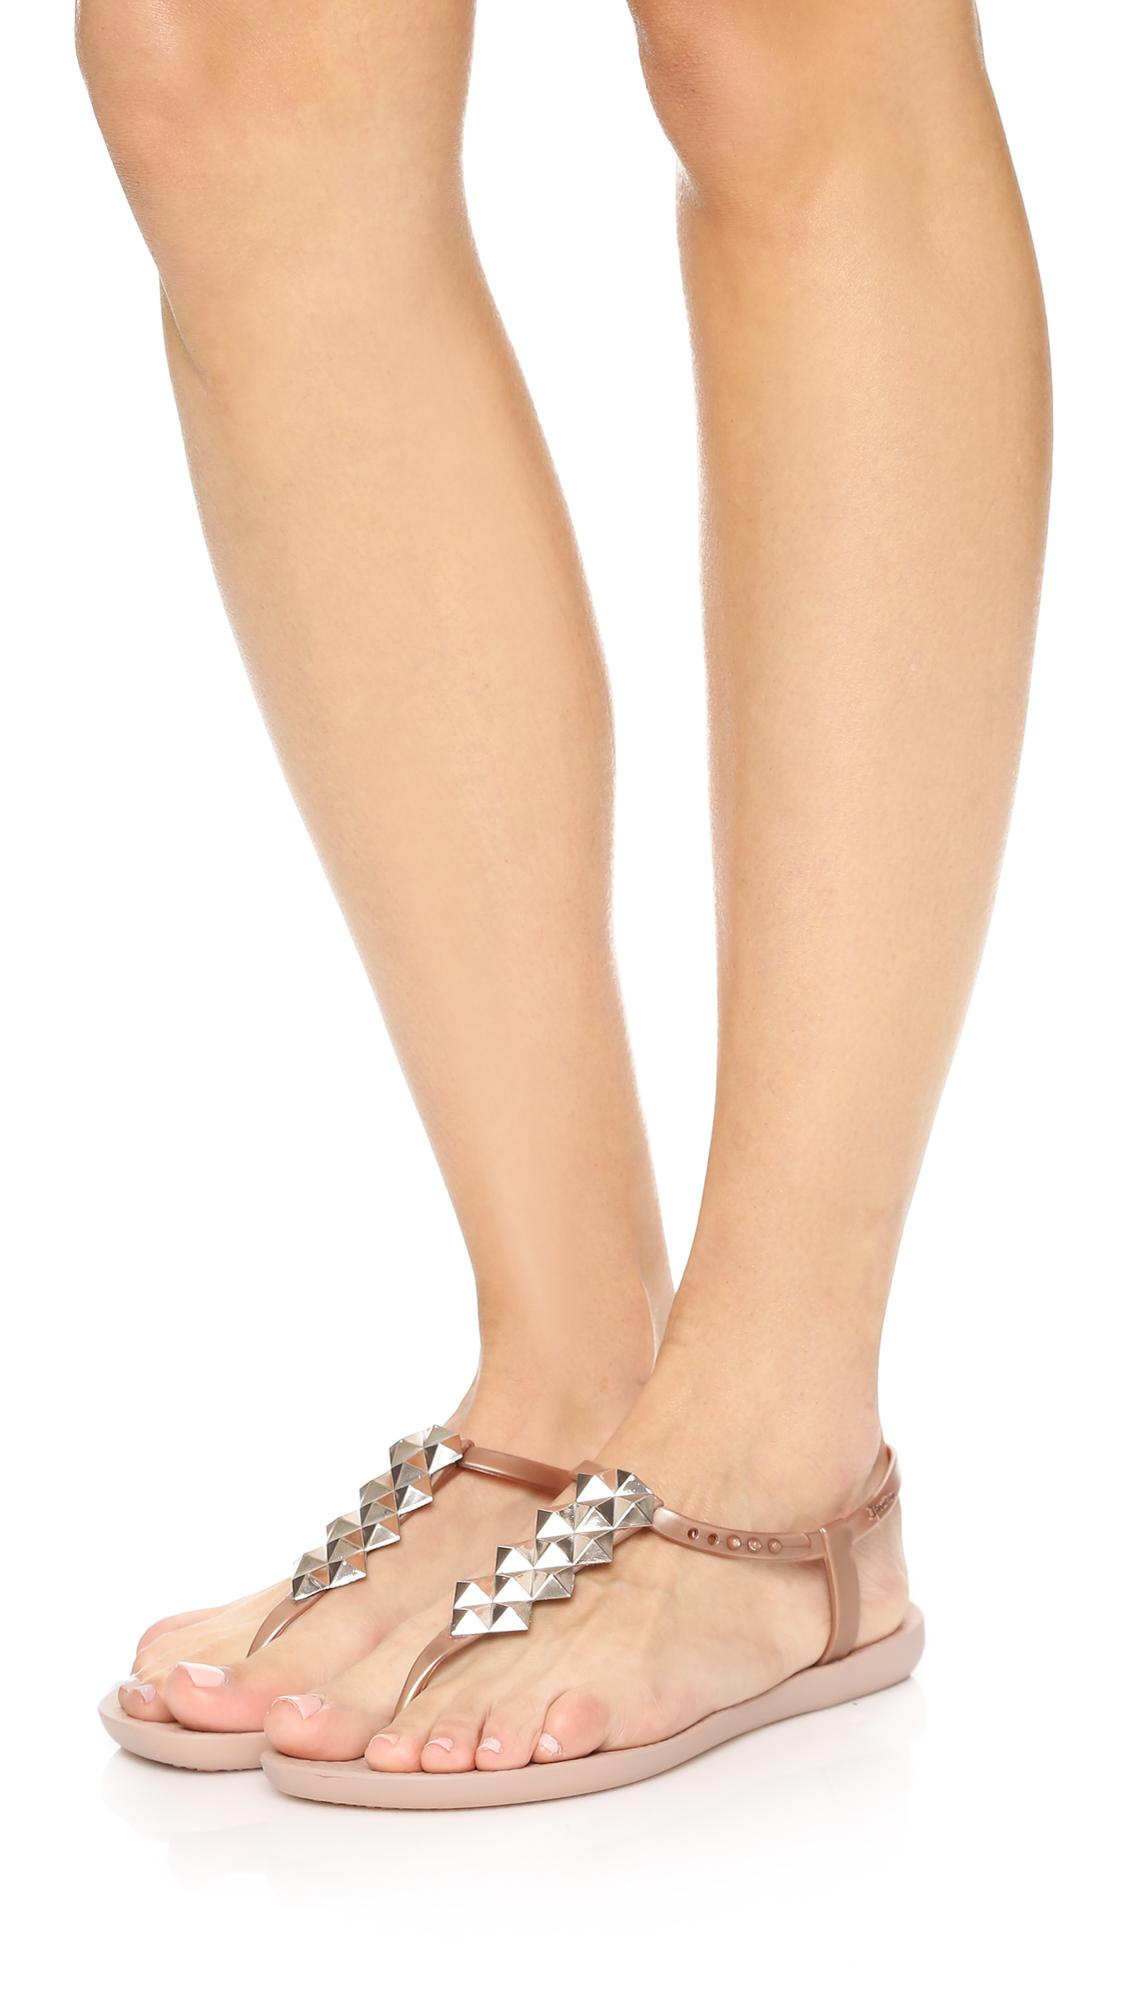 e3bbf5a25e7 Ipanema Cleo Shine T-Strap Sandals